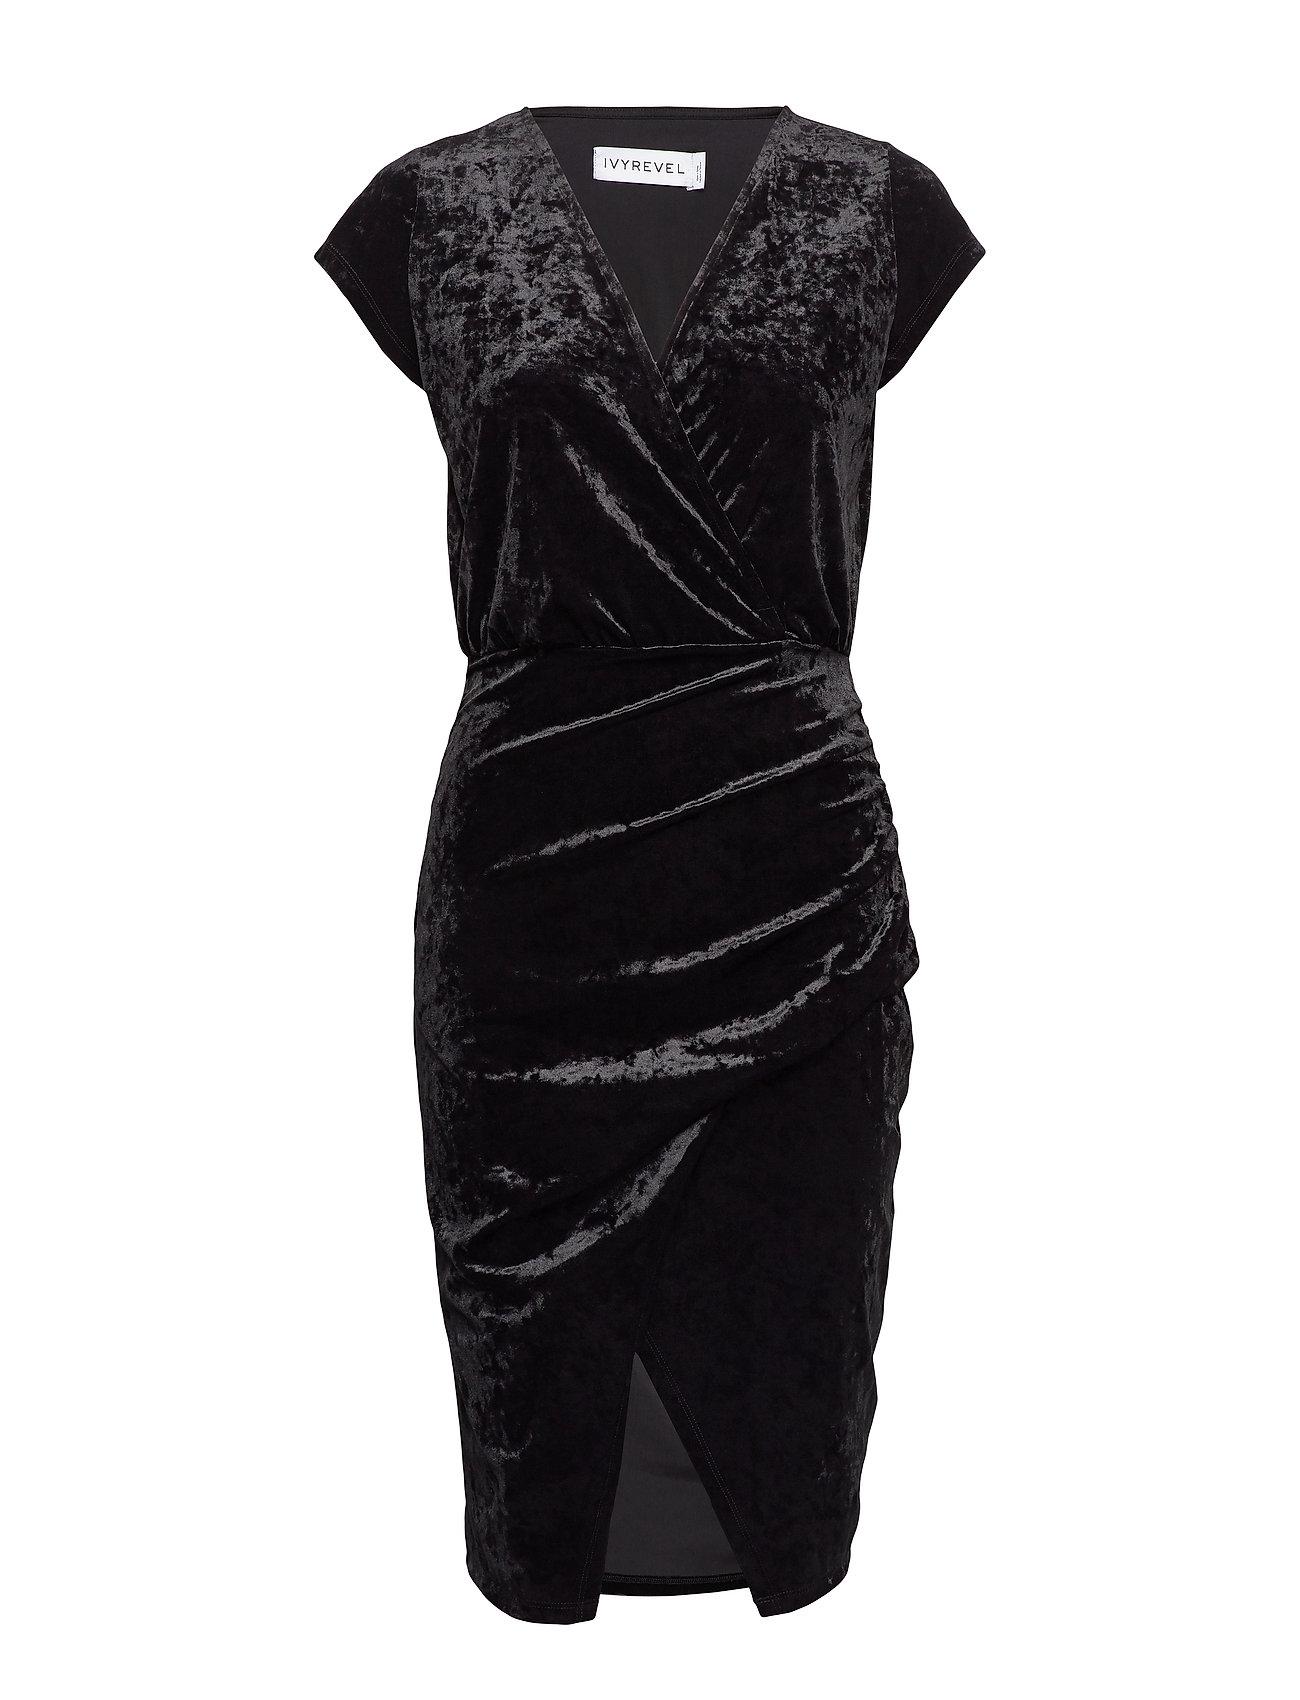 Ivyrevel FRONT WRAP VELVET DRESS - BLACK